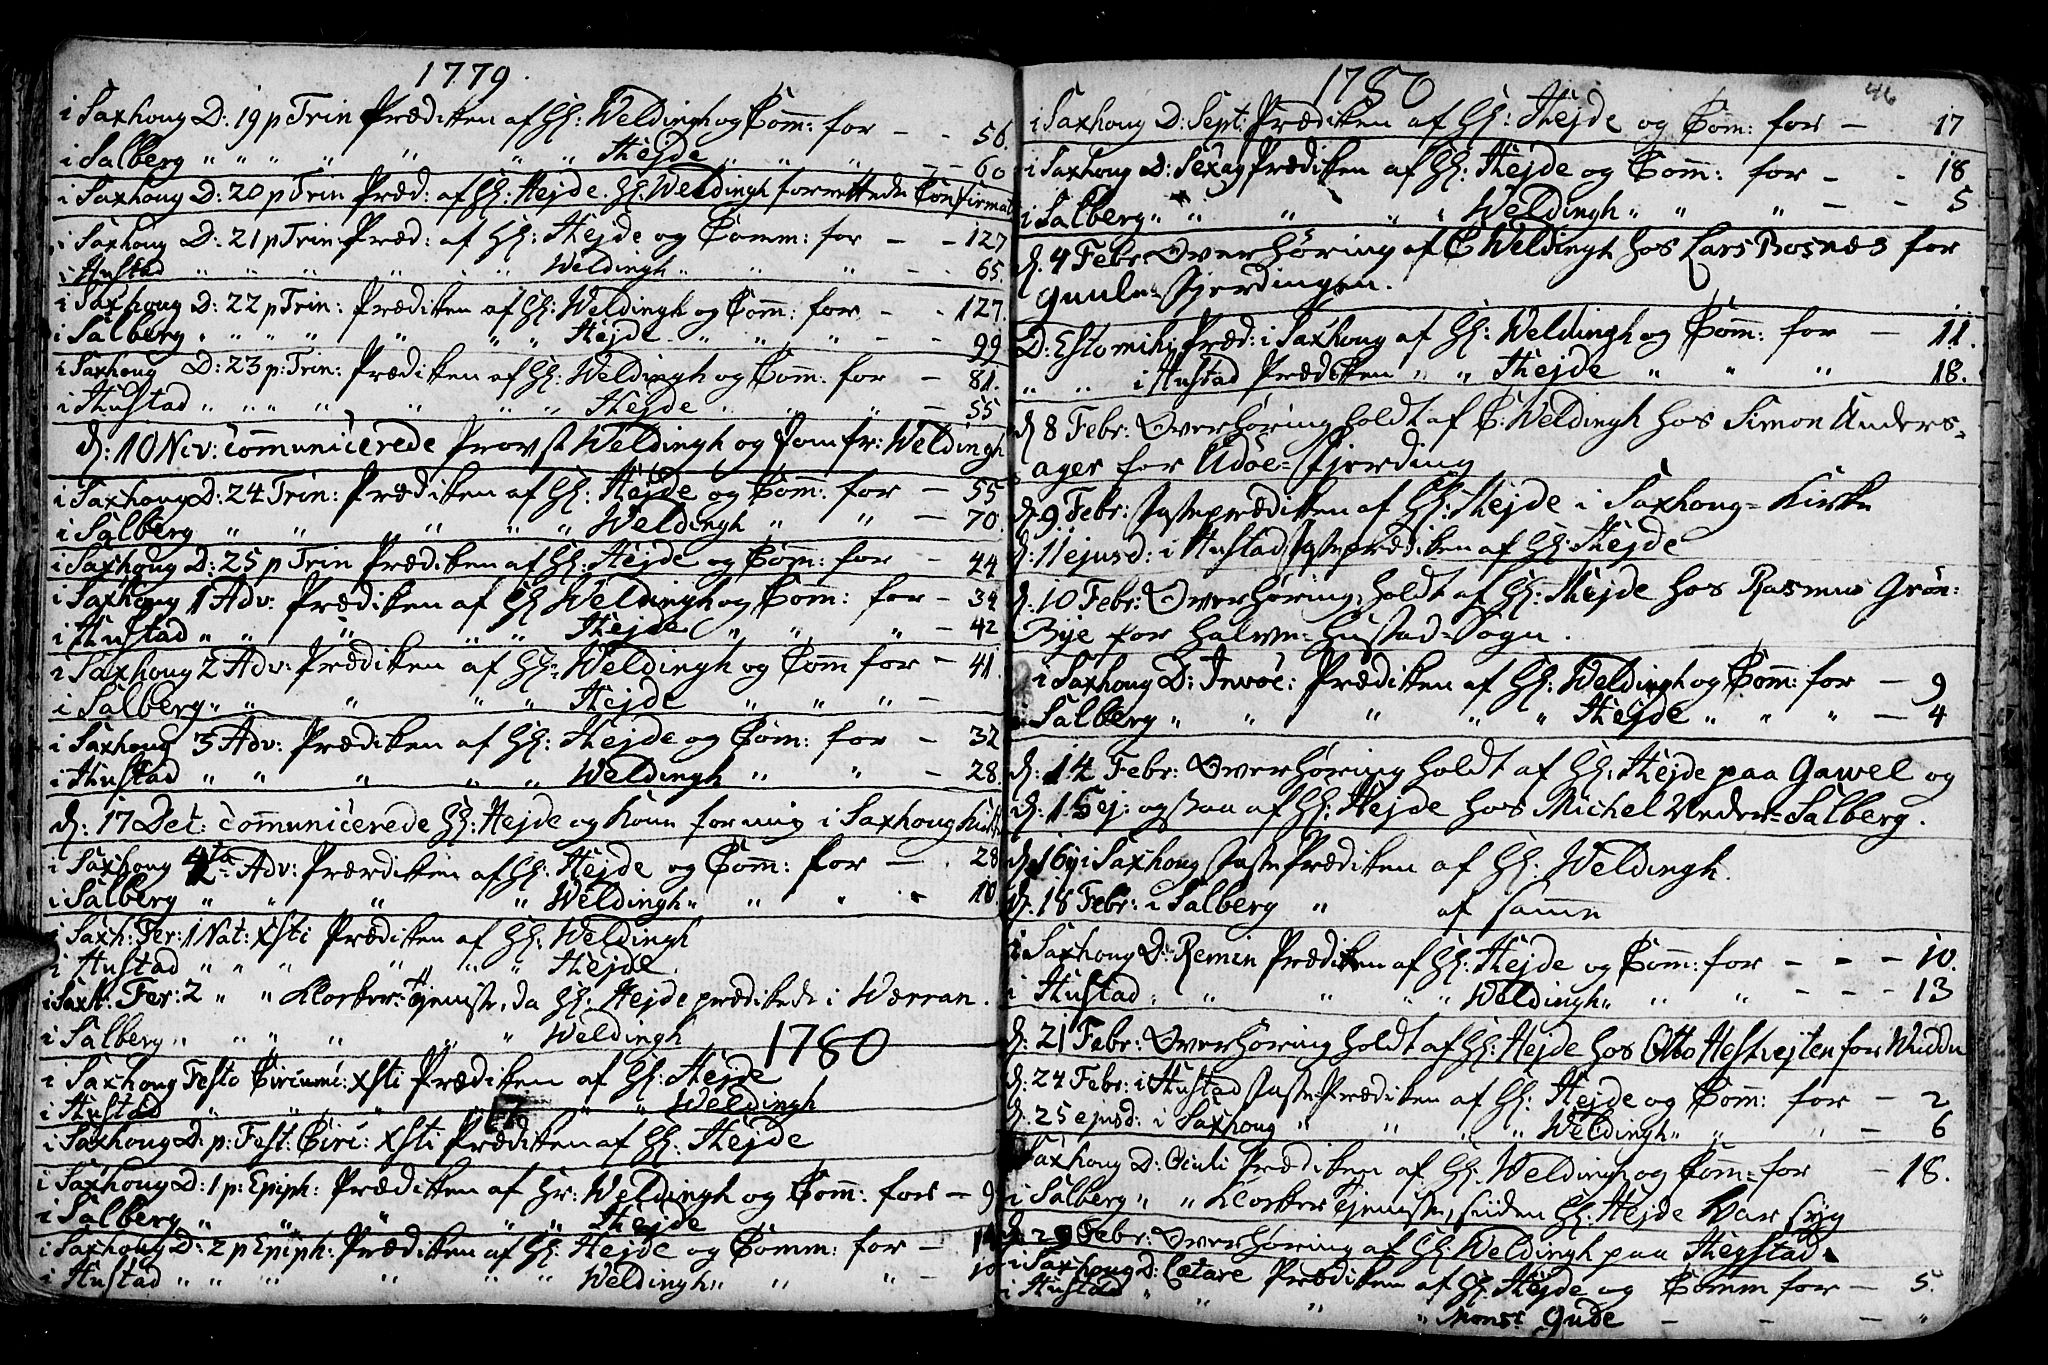 SAT, Ministerialprotokoller, klokkerbøker og fødselsregistre - Nord-Trøndelag, 730/L0273: Ministerialbok nr. 730A02, 1762-1802, s. 46